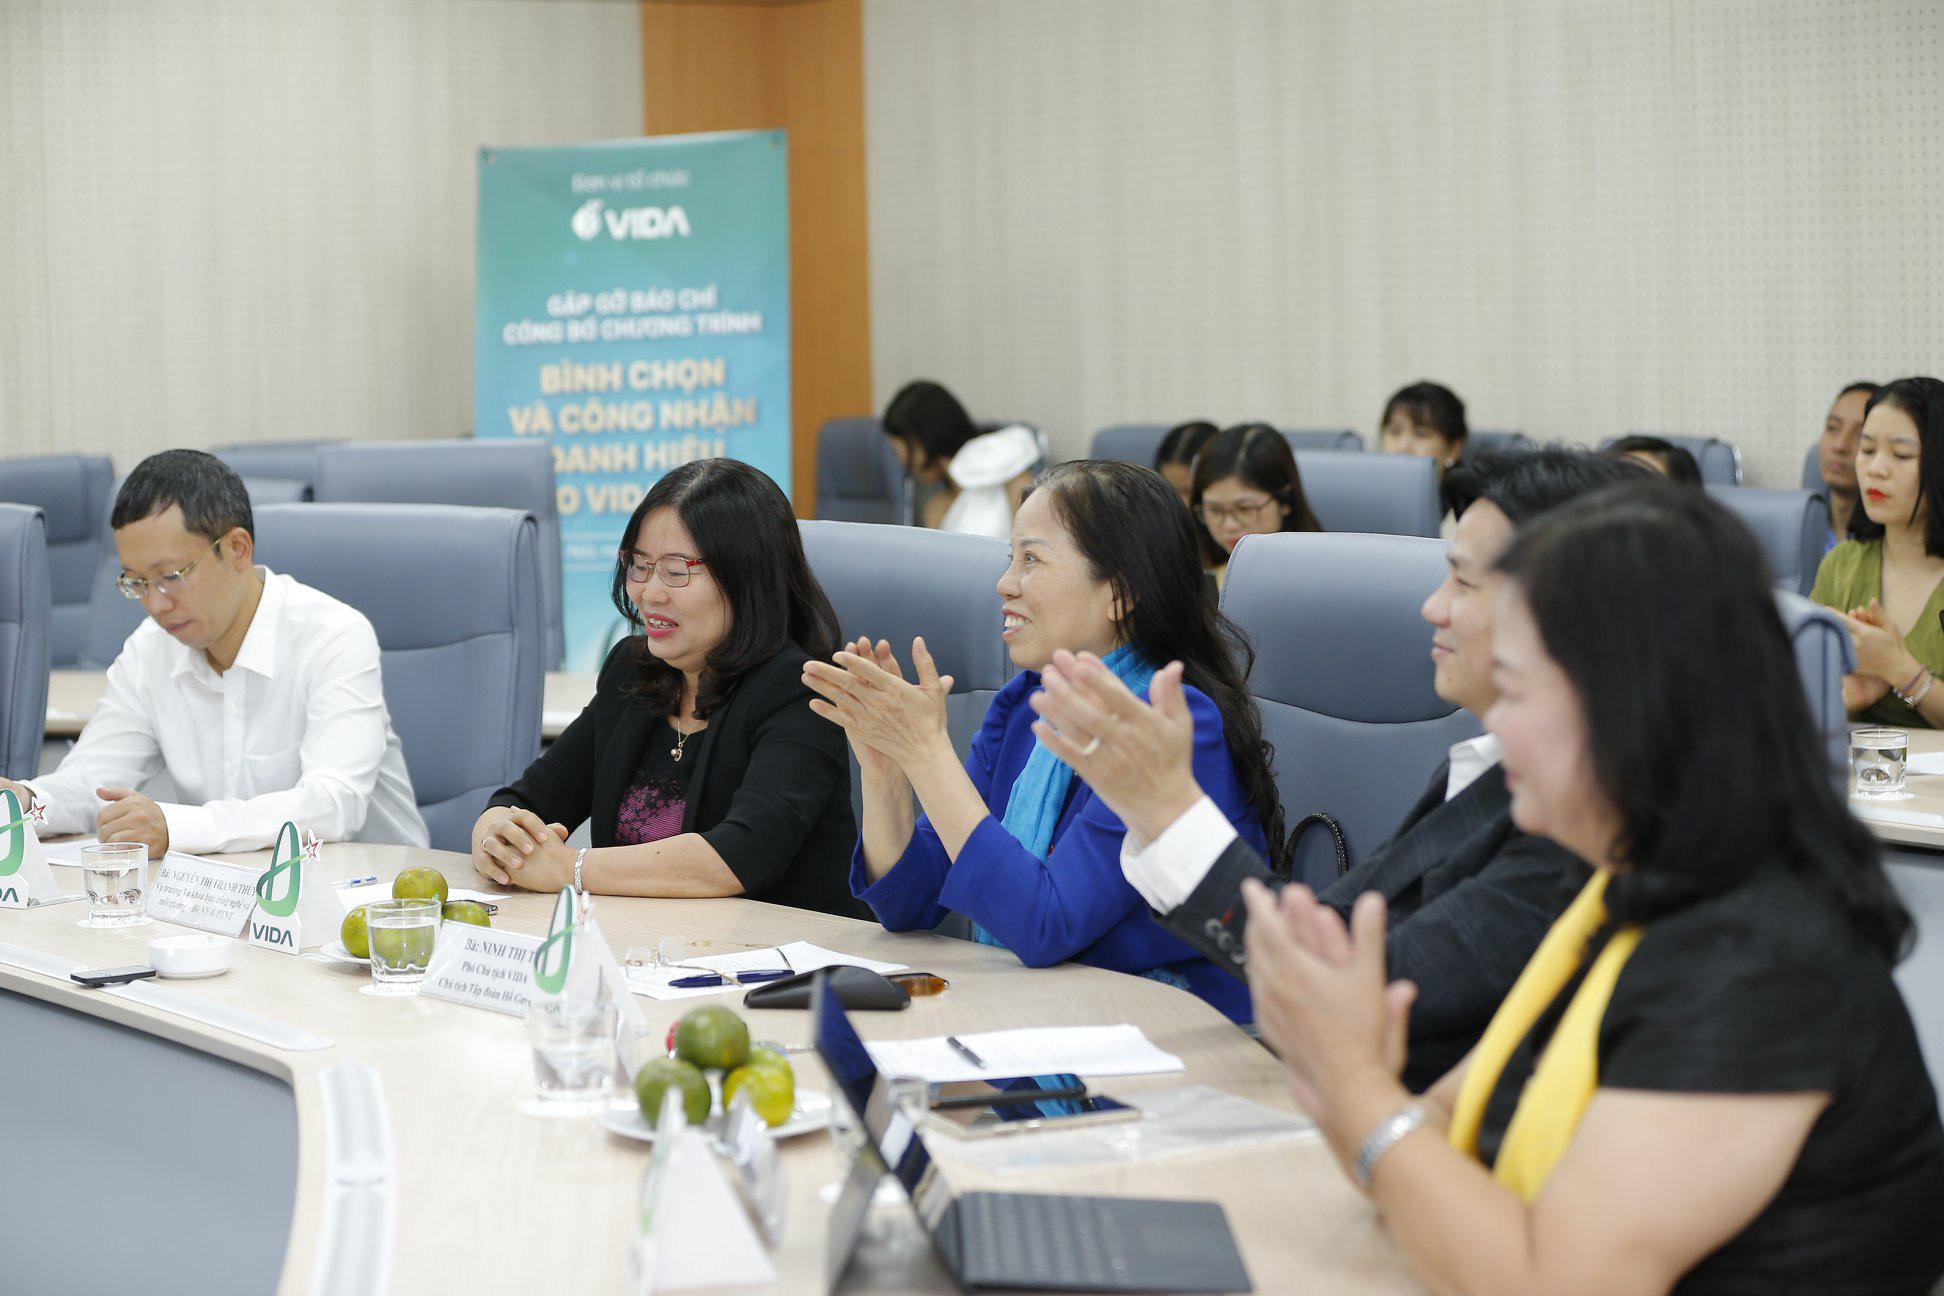 Ông Trương Gia Bình: Nhờ công nghệ, Minh Phú có thể đoán trước sản lượng tôm để ký hợp đồng - Ảnh 1.